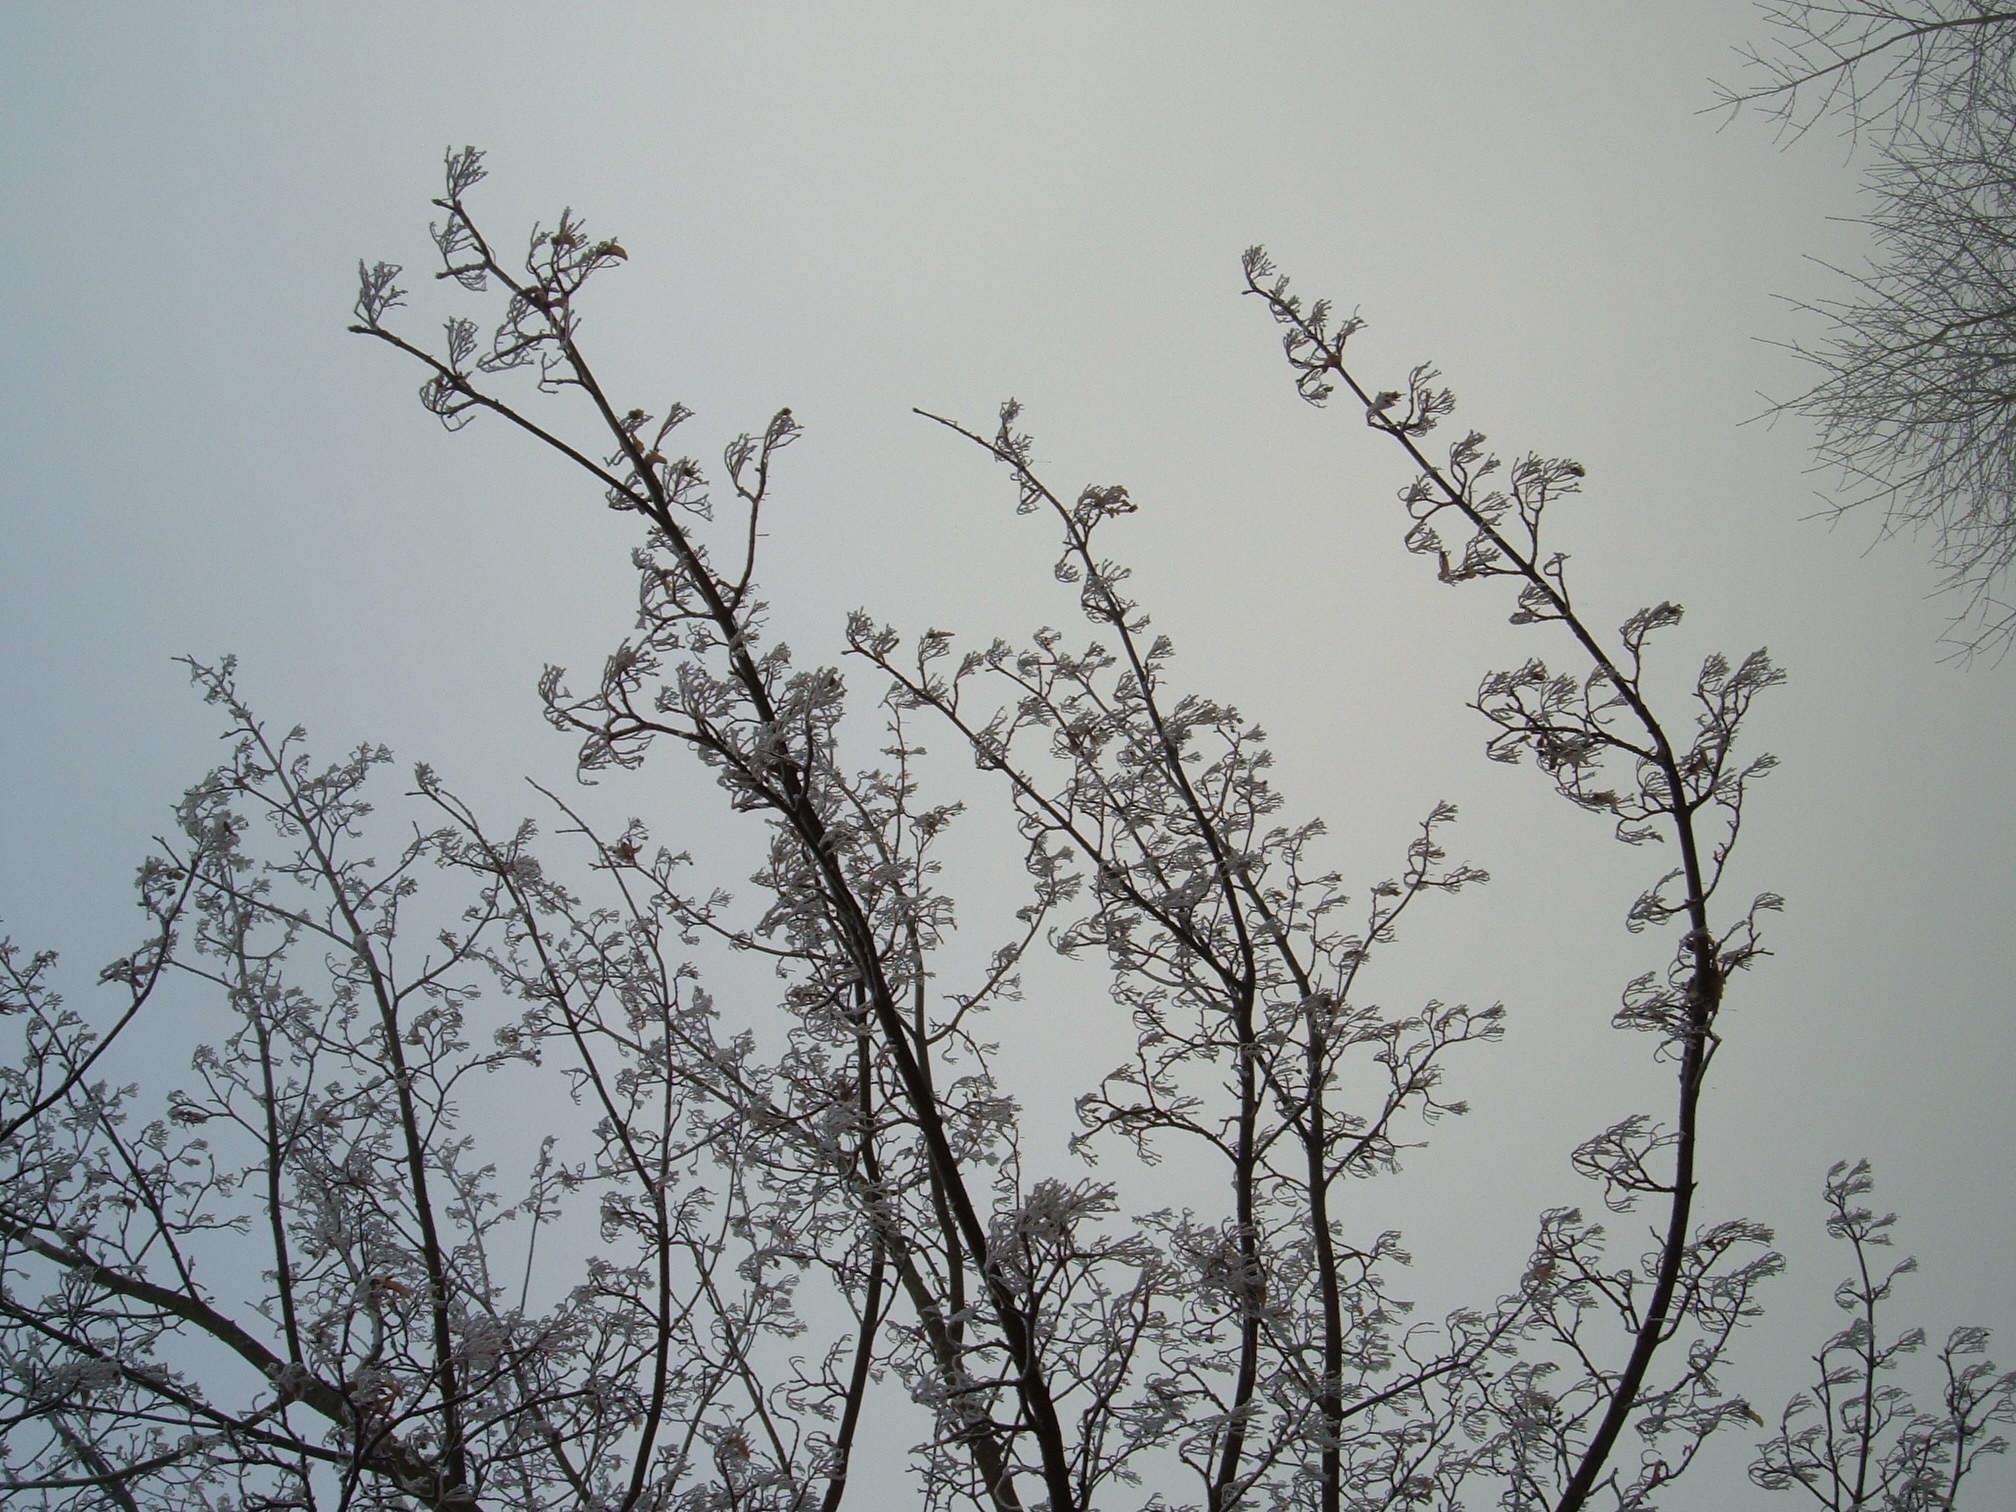 winter branch stock by DemoncherryStock